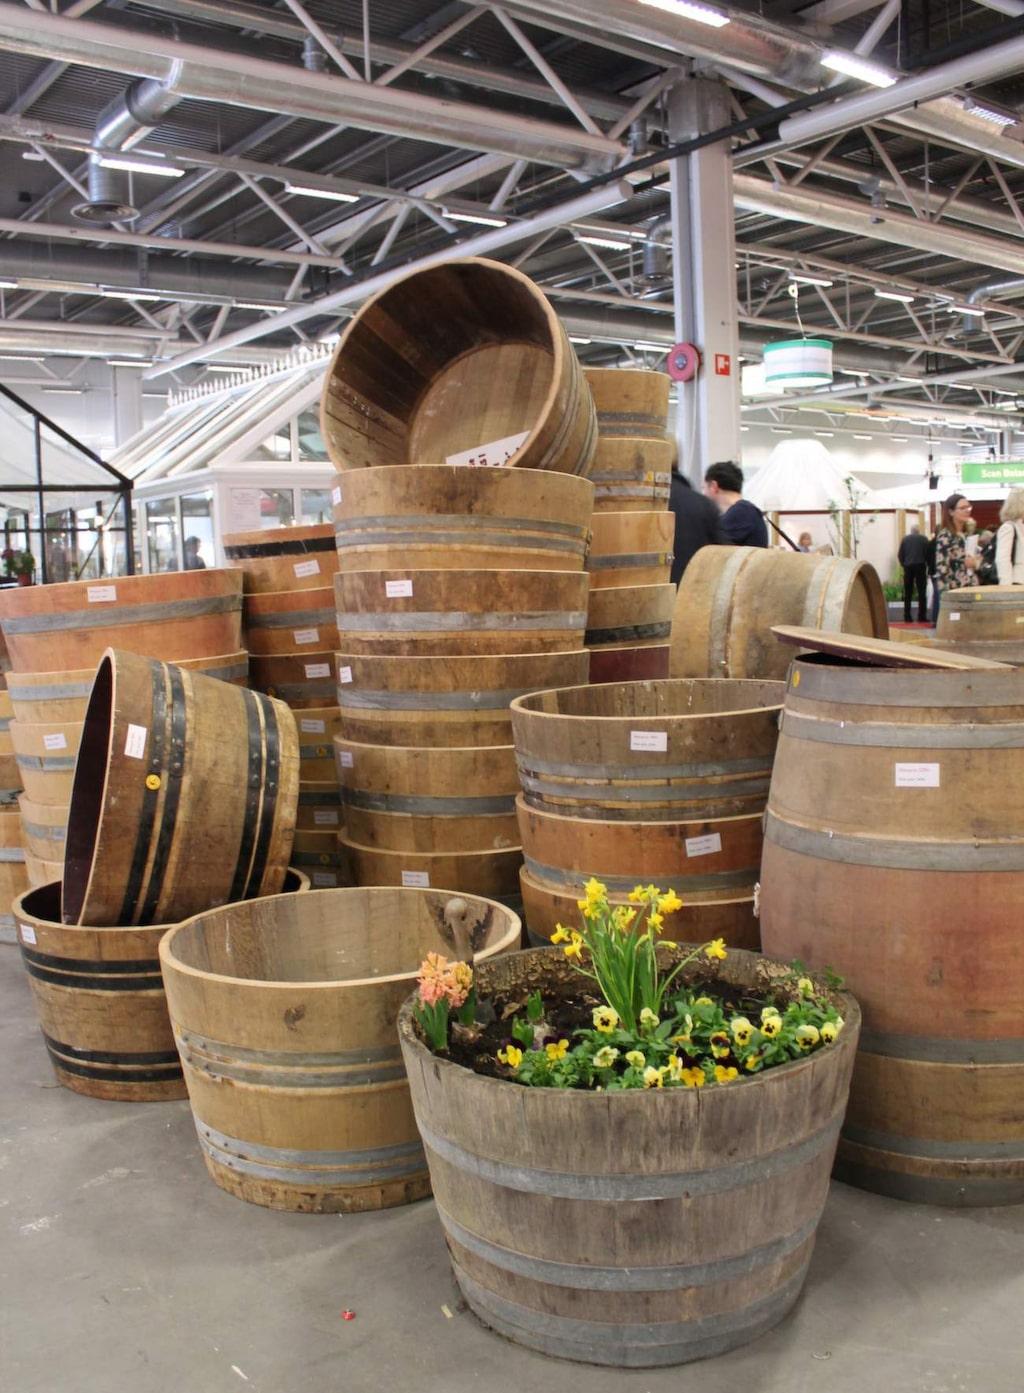 Naturligt snyggt till trädgården är att ha vackra trätunnor för odling och uppsamling av regnvatten. Dessa kommer från Thorslundkaggen.